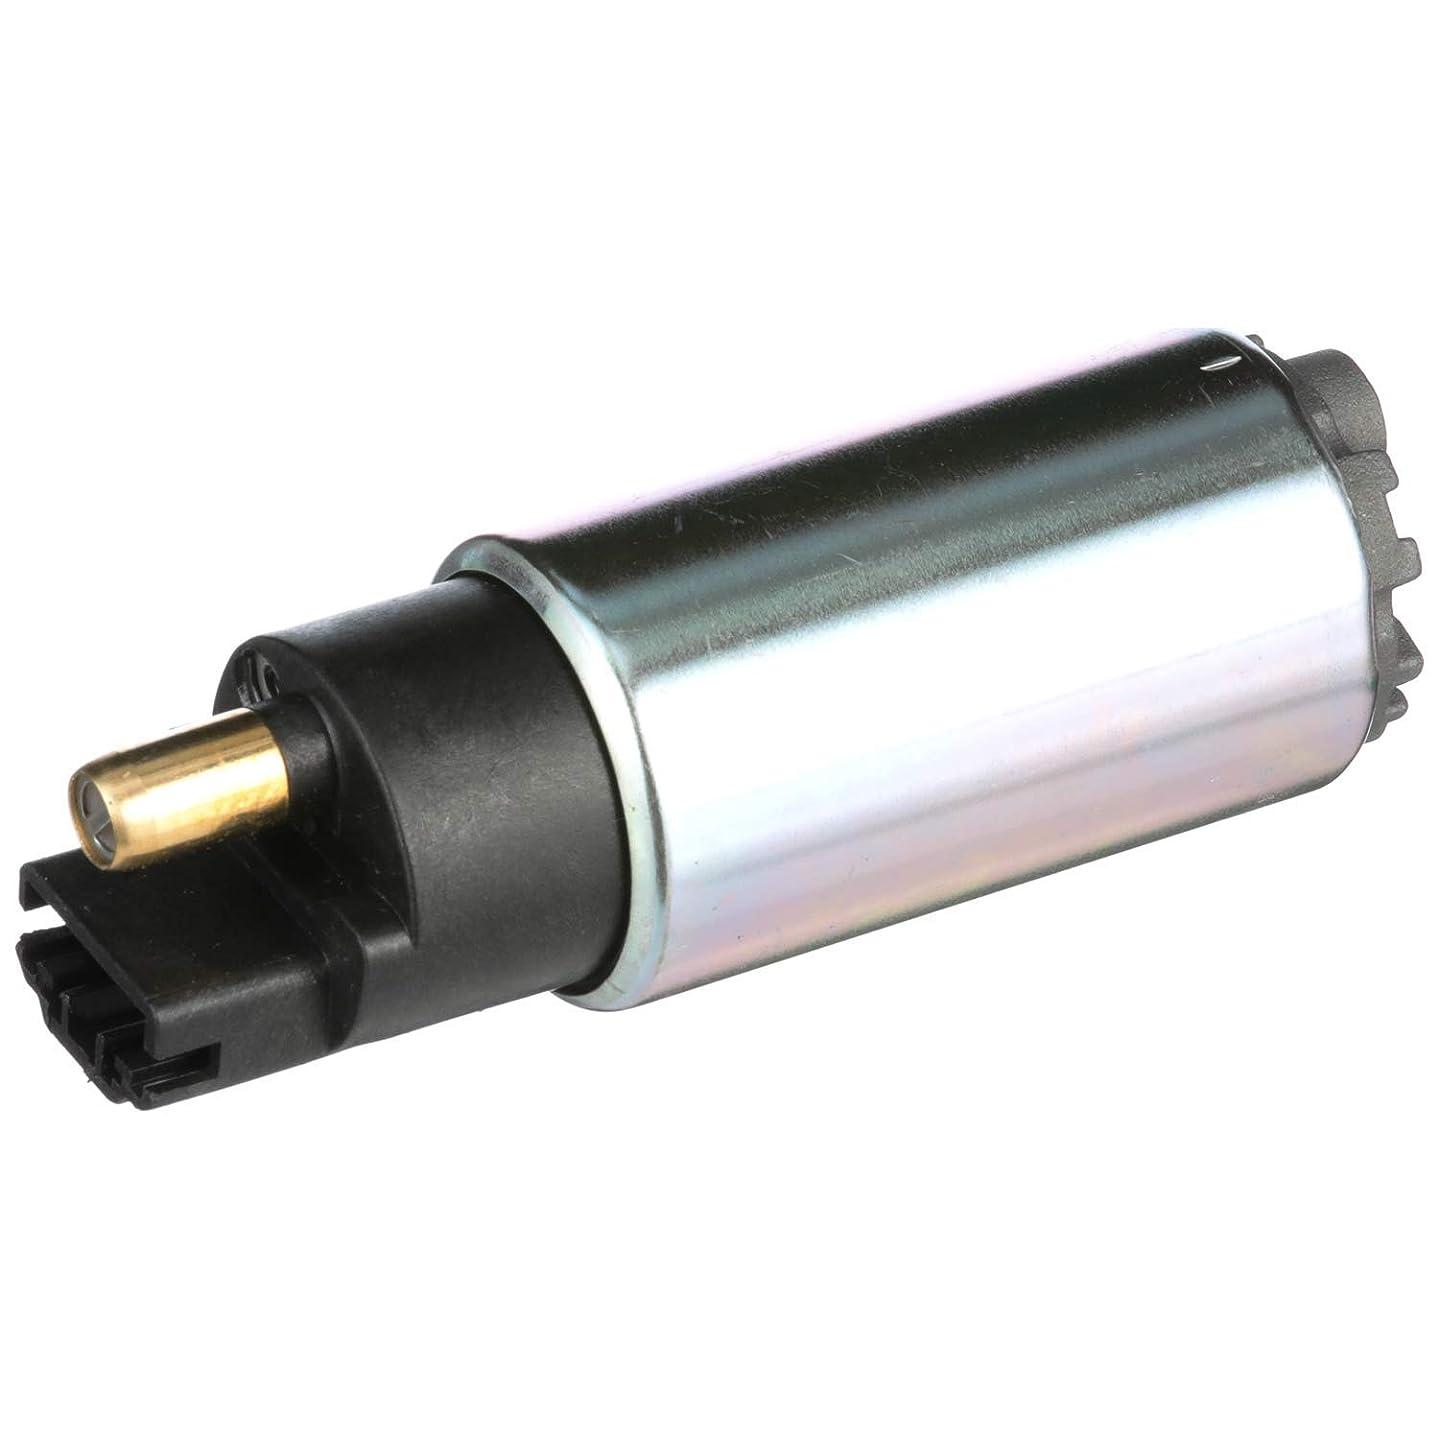 Delphi FE0291 Electric Fuel Pump Motor